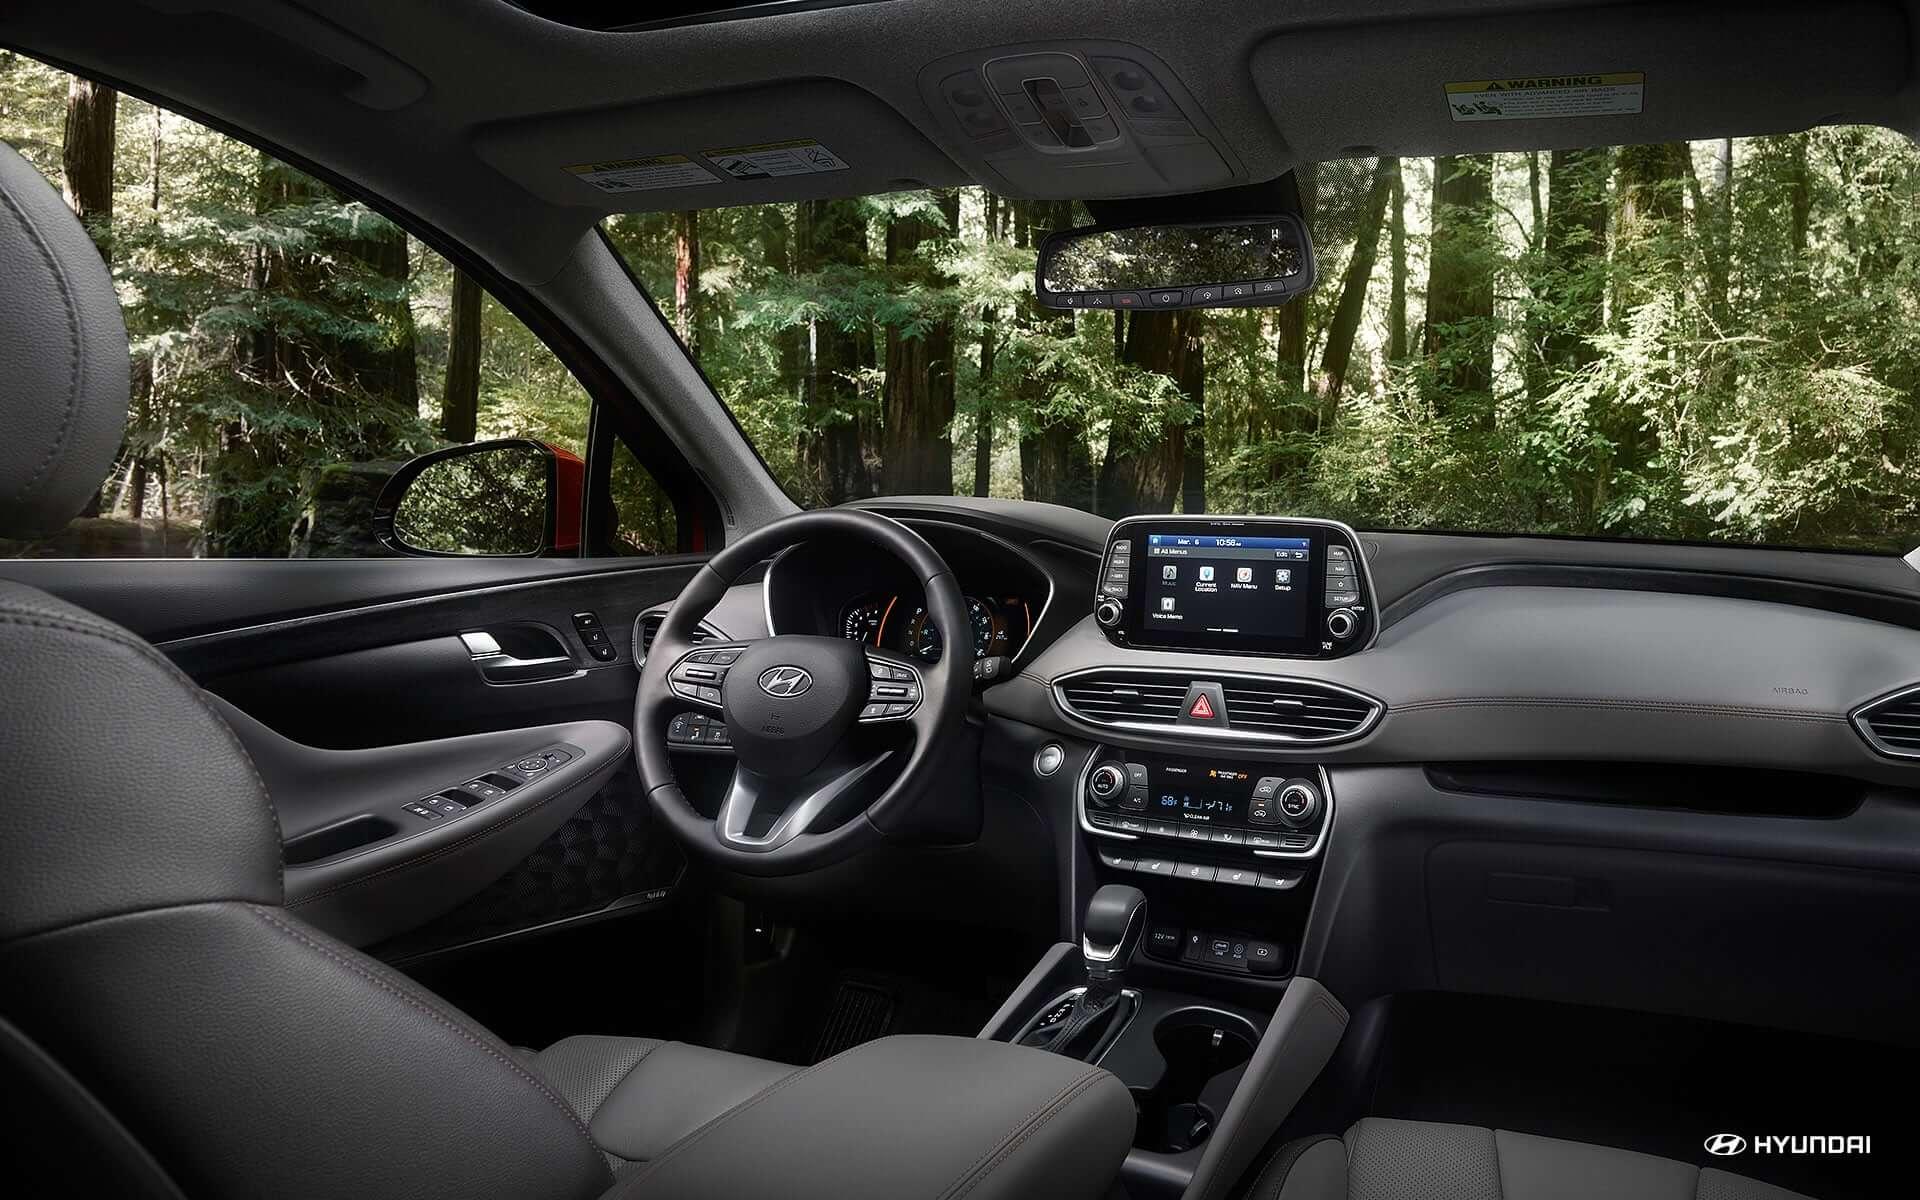 2019 Santa Fe Hyundai interior